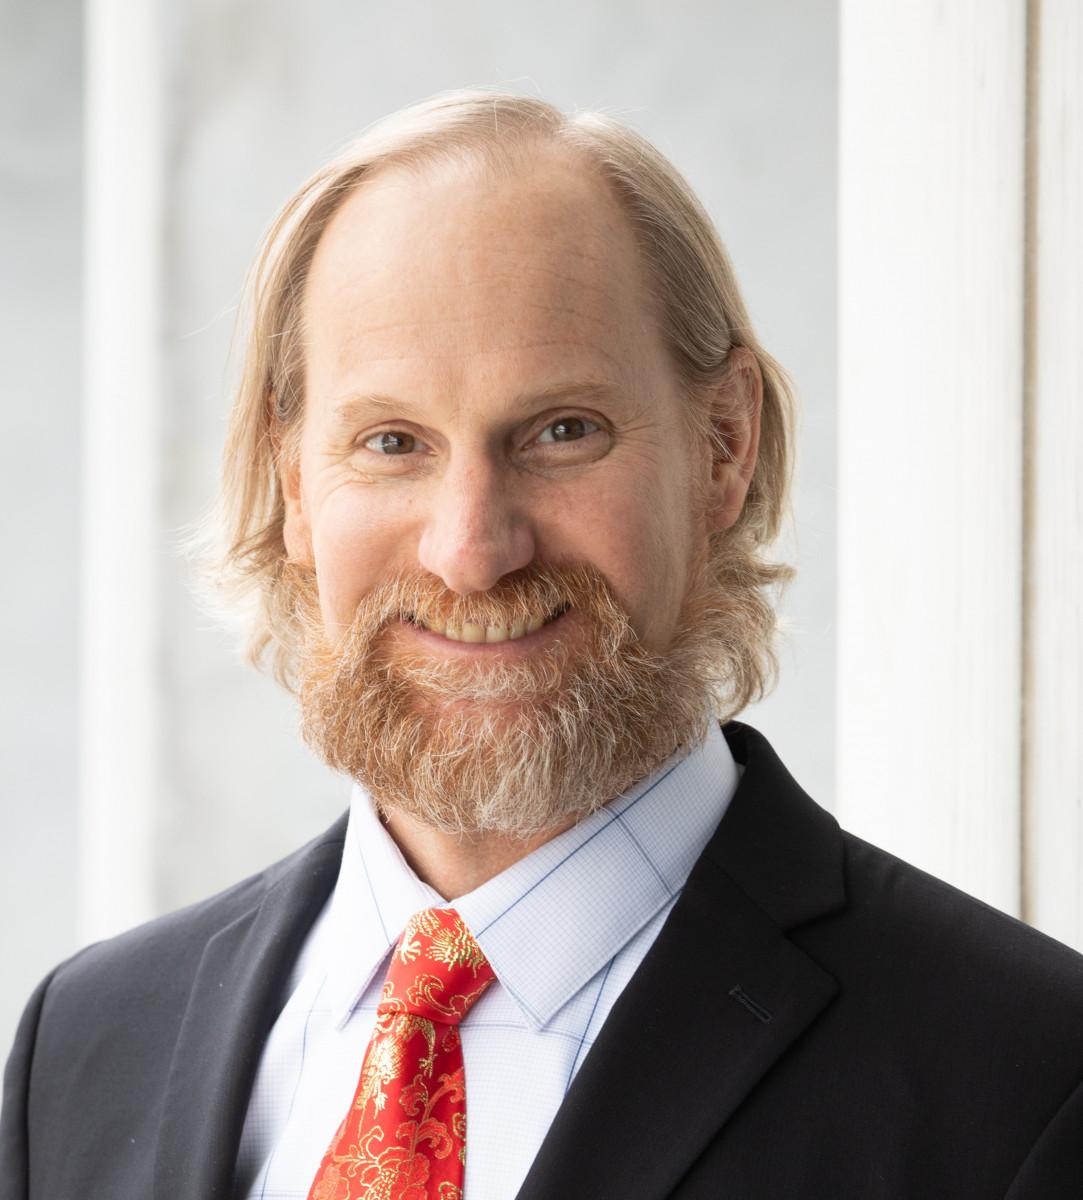 Dr. Steven Burian